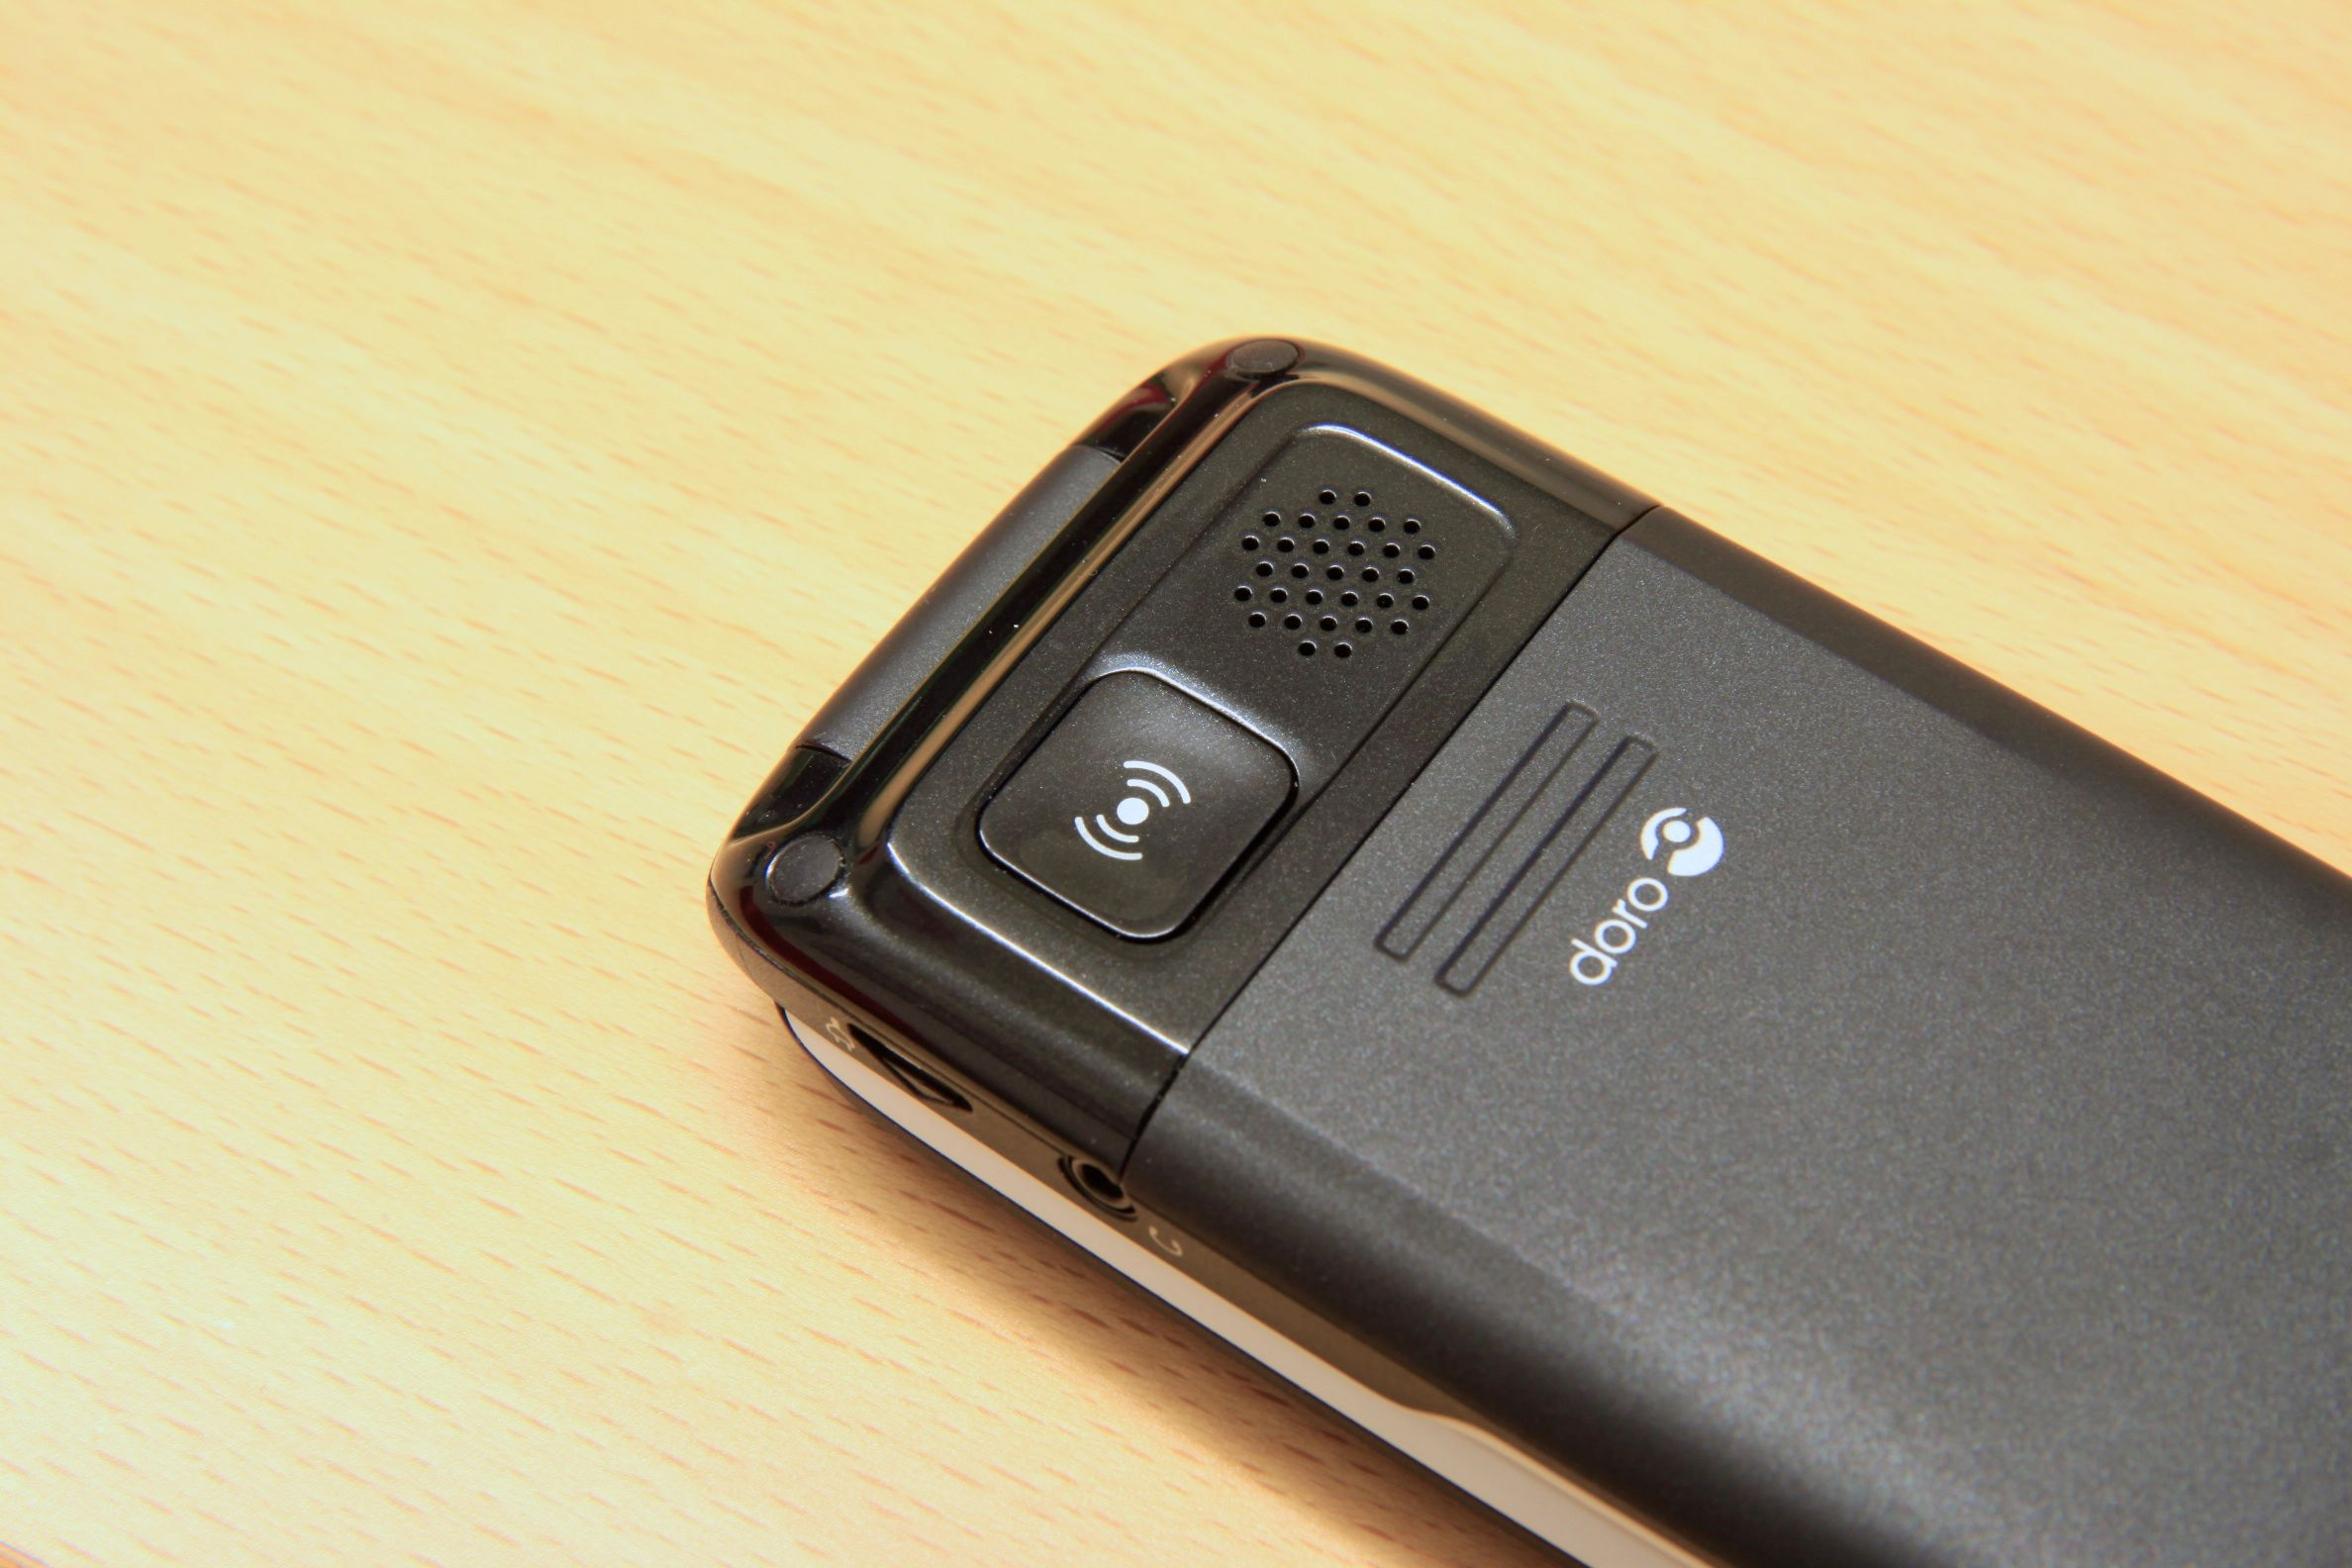 Alarmknappen på baksiden ringer opptil fem ulike telefonnummere, ett av gangen.Foto: Kurt Lekanger, Amobil.no